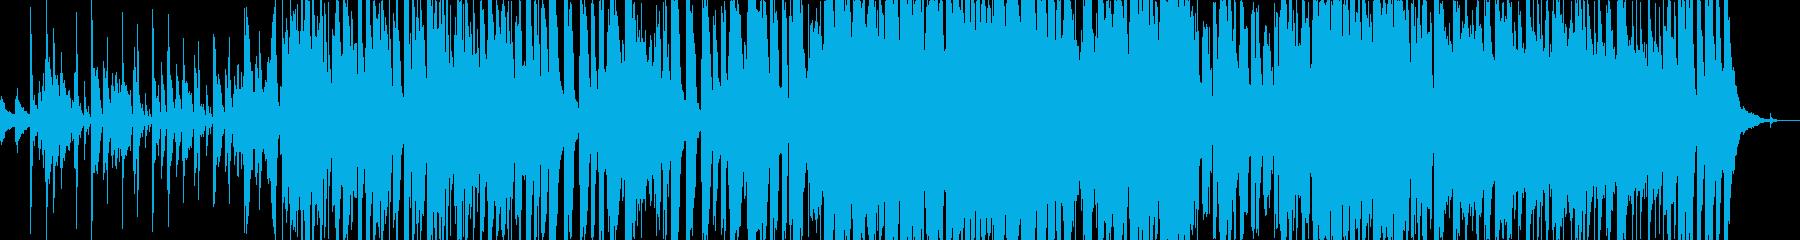 推理・謎解き系メインテーマの再生済みの波形